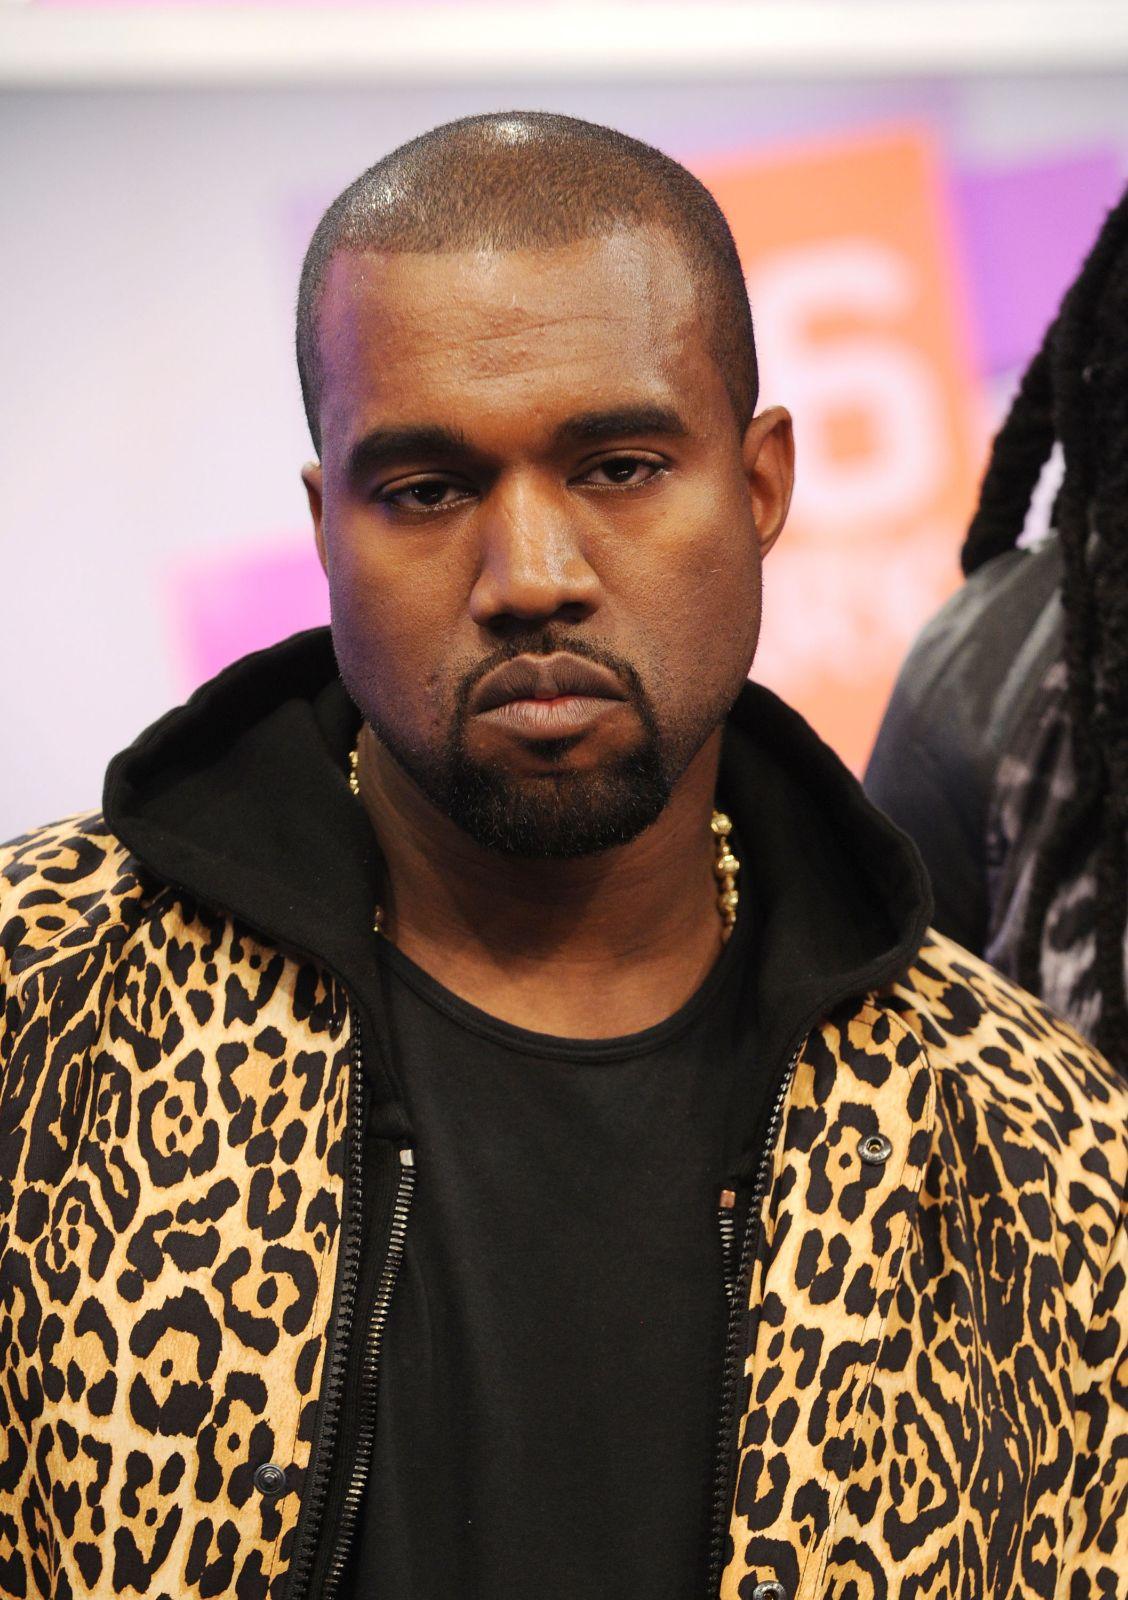 Ünlü şarkıcı Kanye West ismini değiştirdi